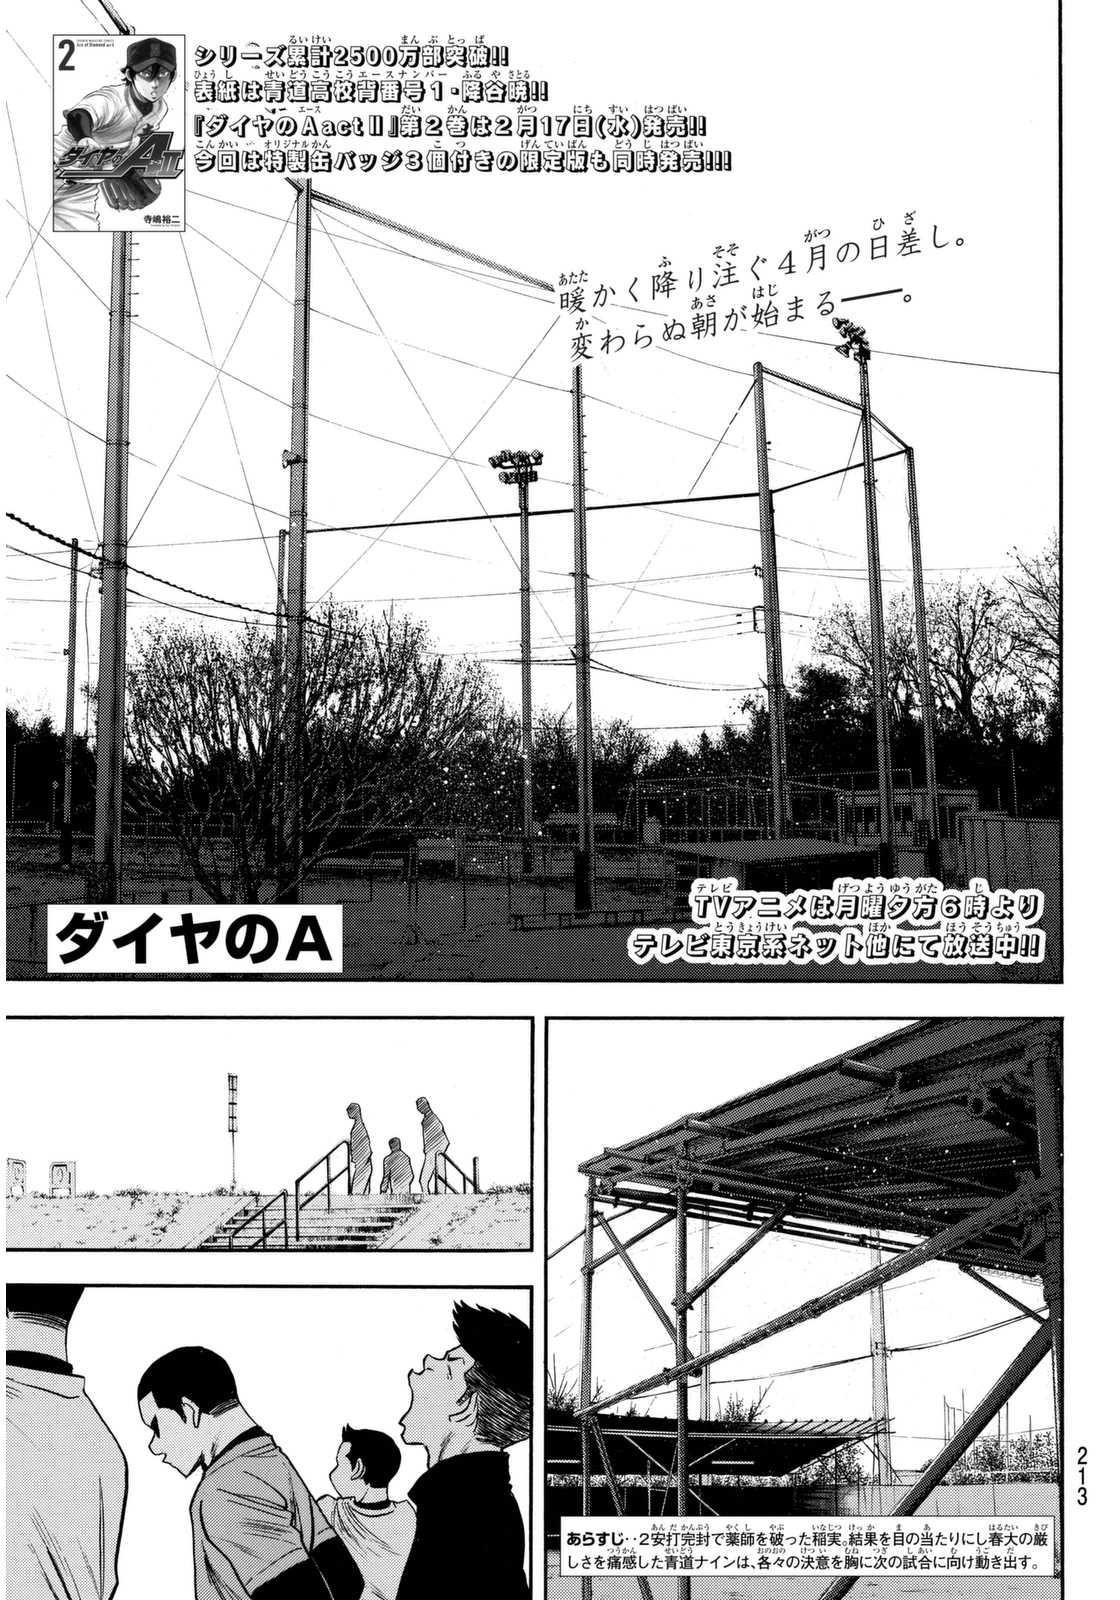 Daiya no A Act II - Chapter 021 - Page 1